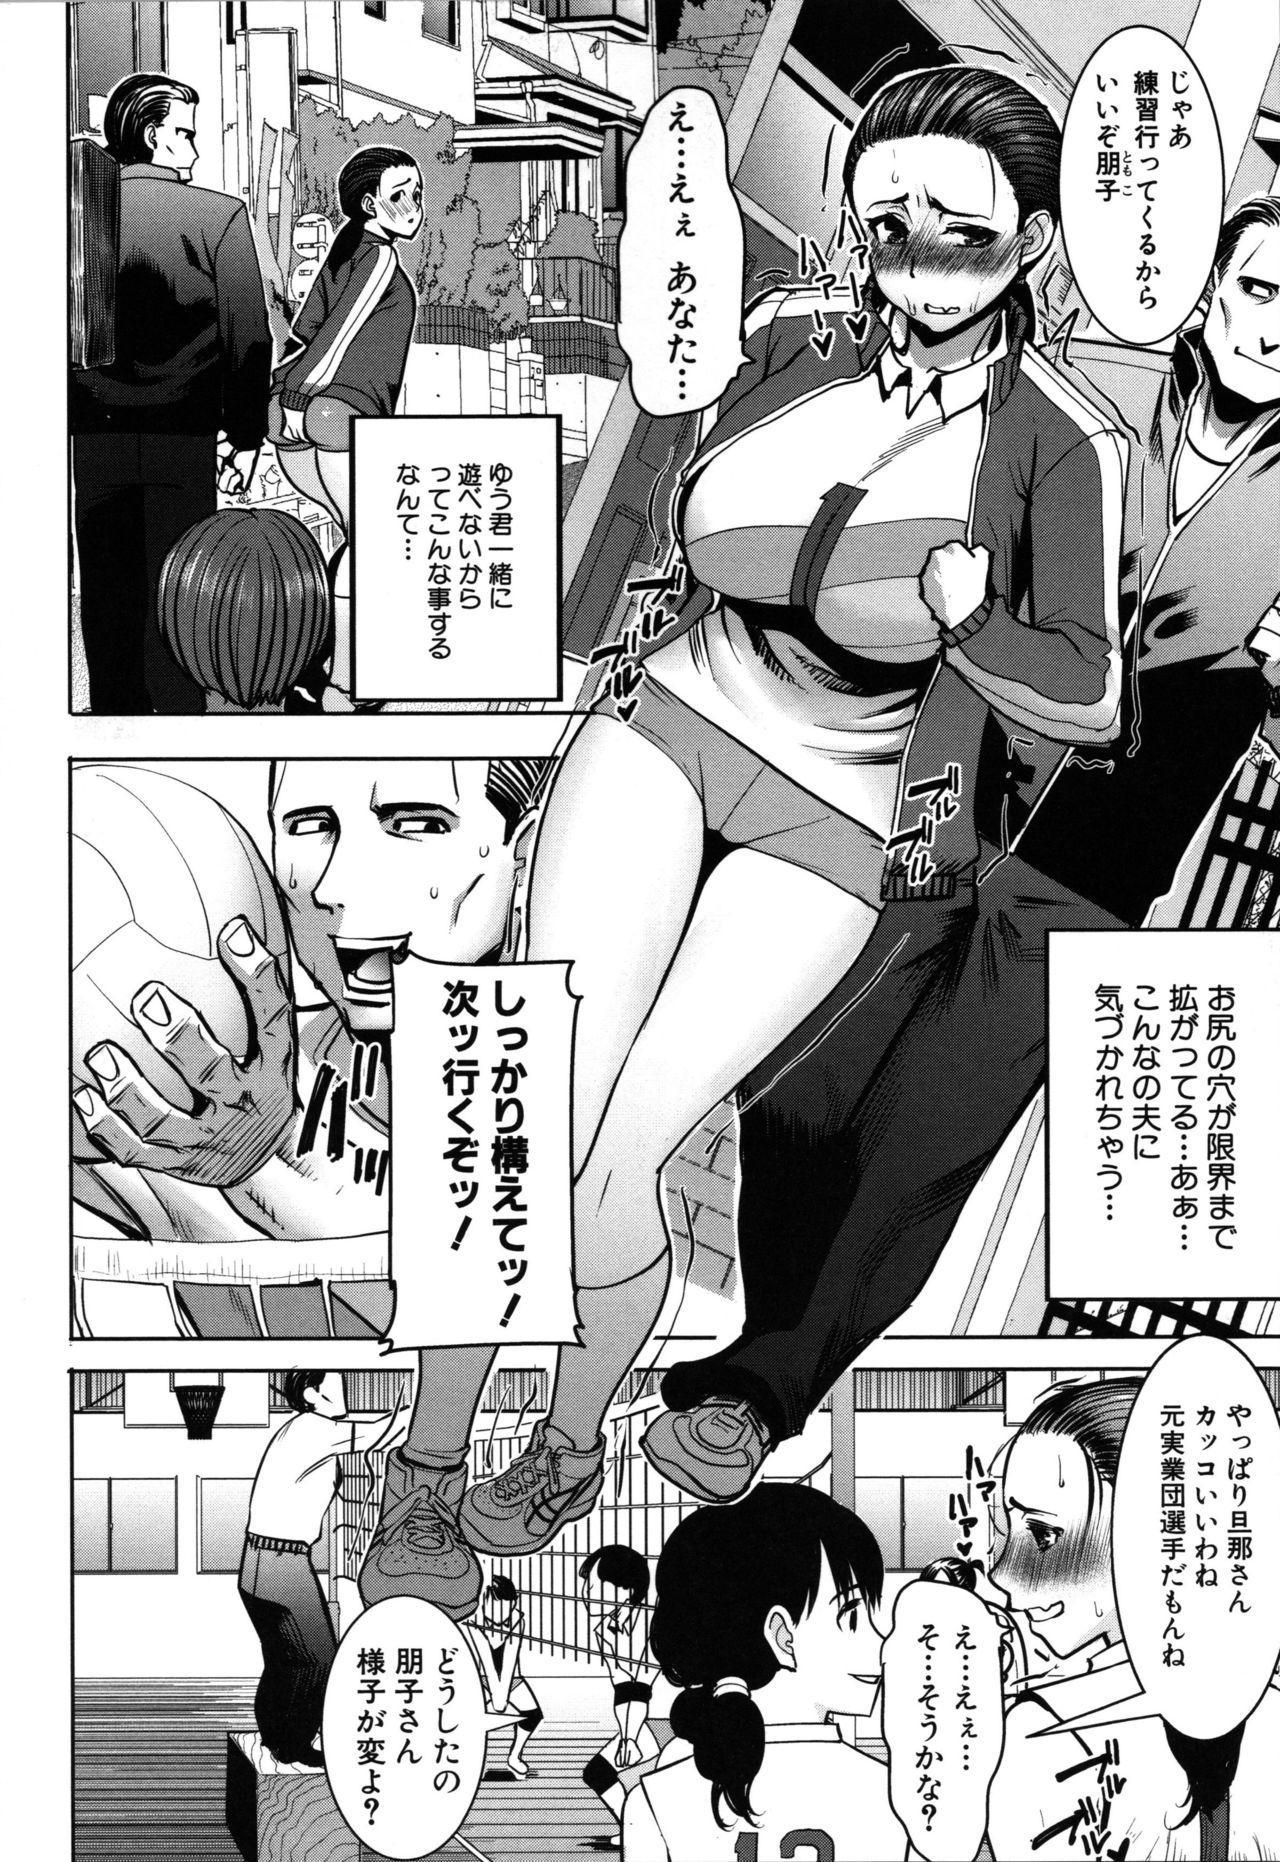 Unsweet - Asahina Ikka Netorareta Haha · Tomoko 101